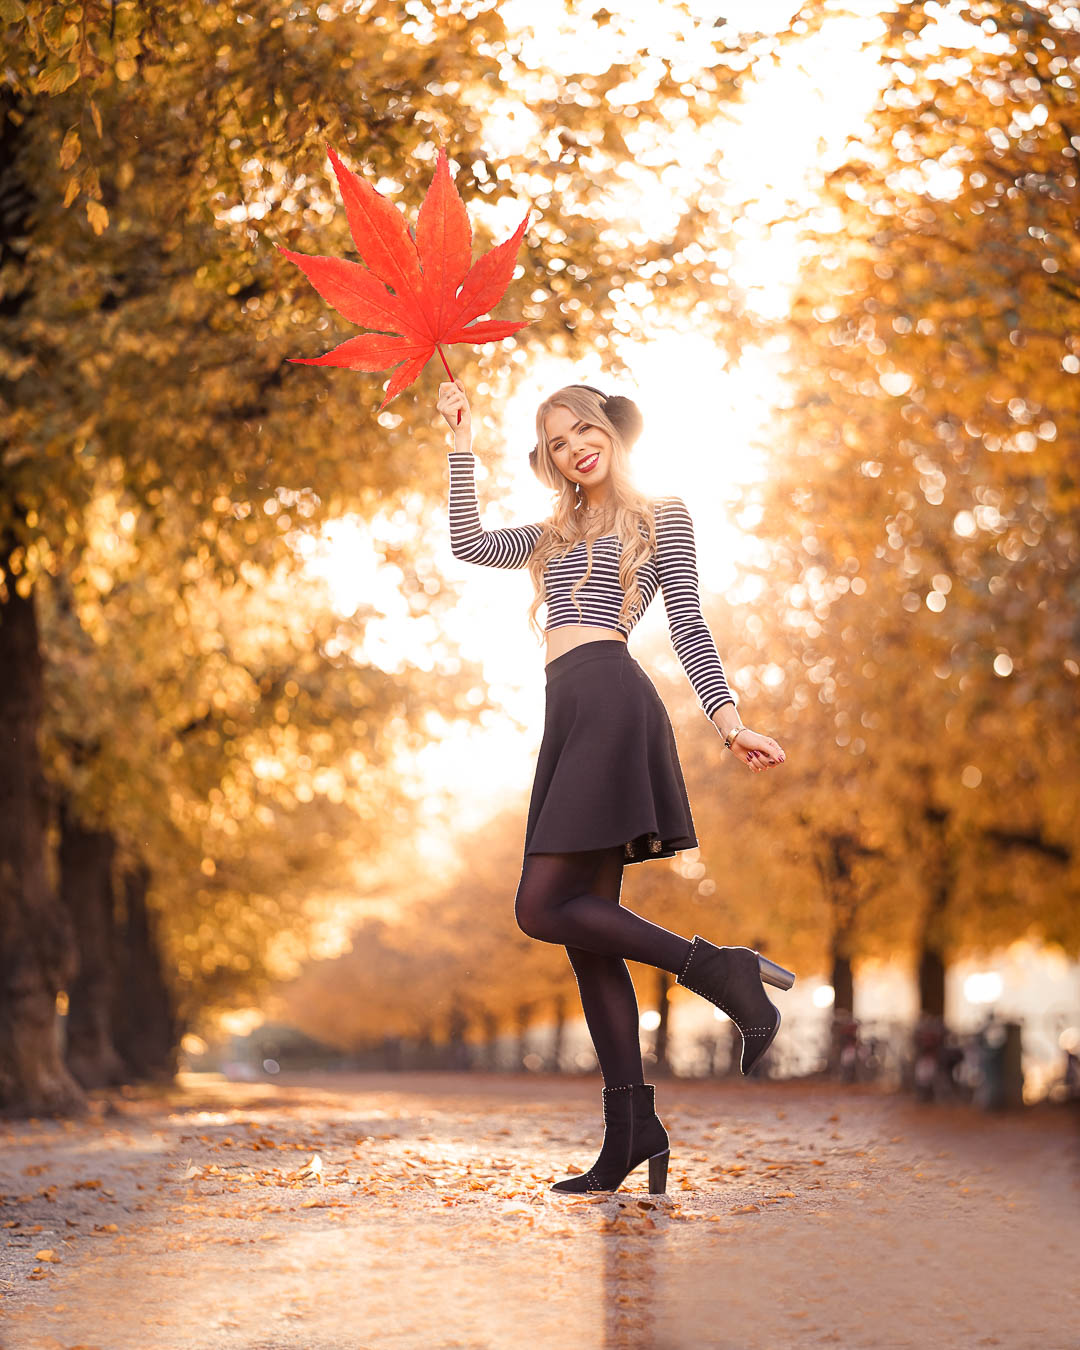 Baum Allee im Herbst, kreative Fotoidee